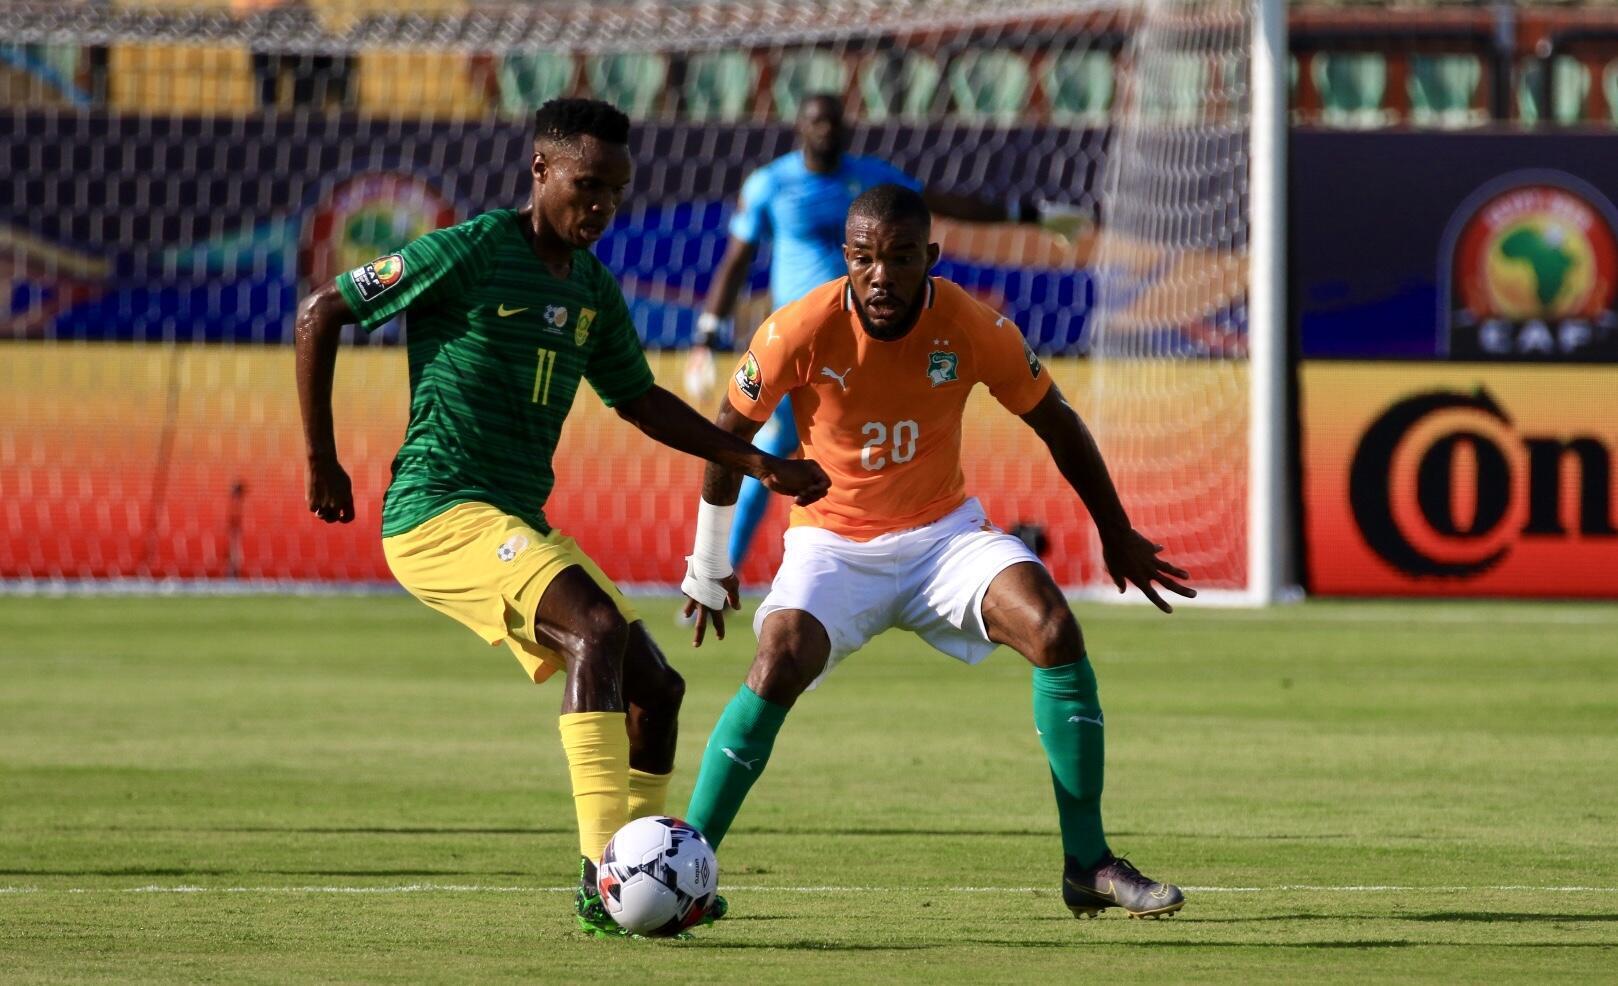 Le Sud-Africain Themba Zwane à la lutte avec l'Ivoirien Serey Die, le 24 juin 2019.